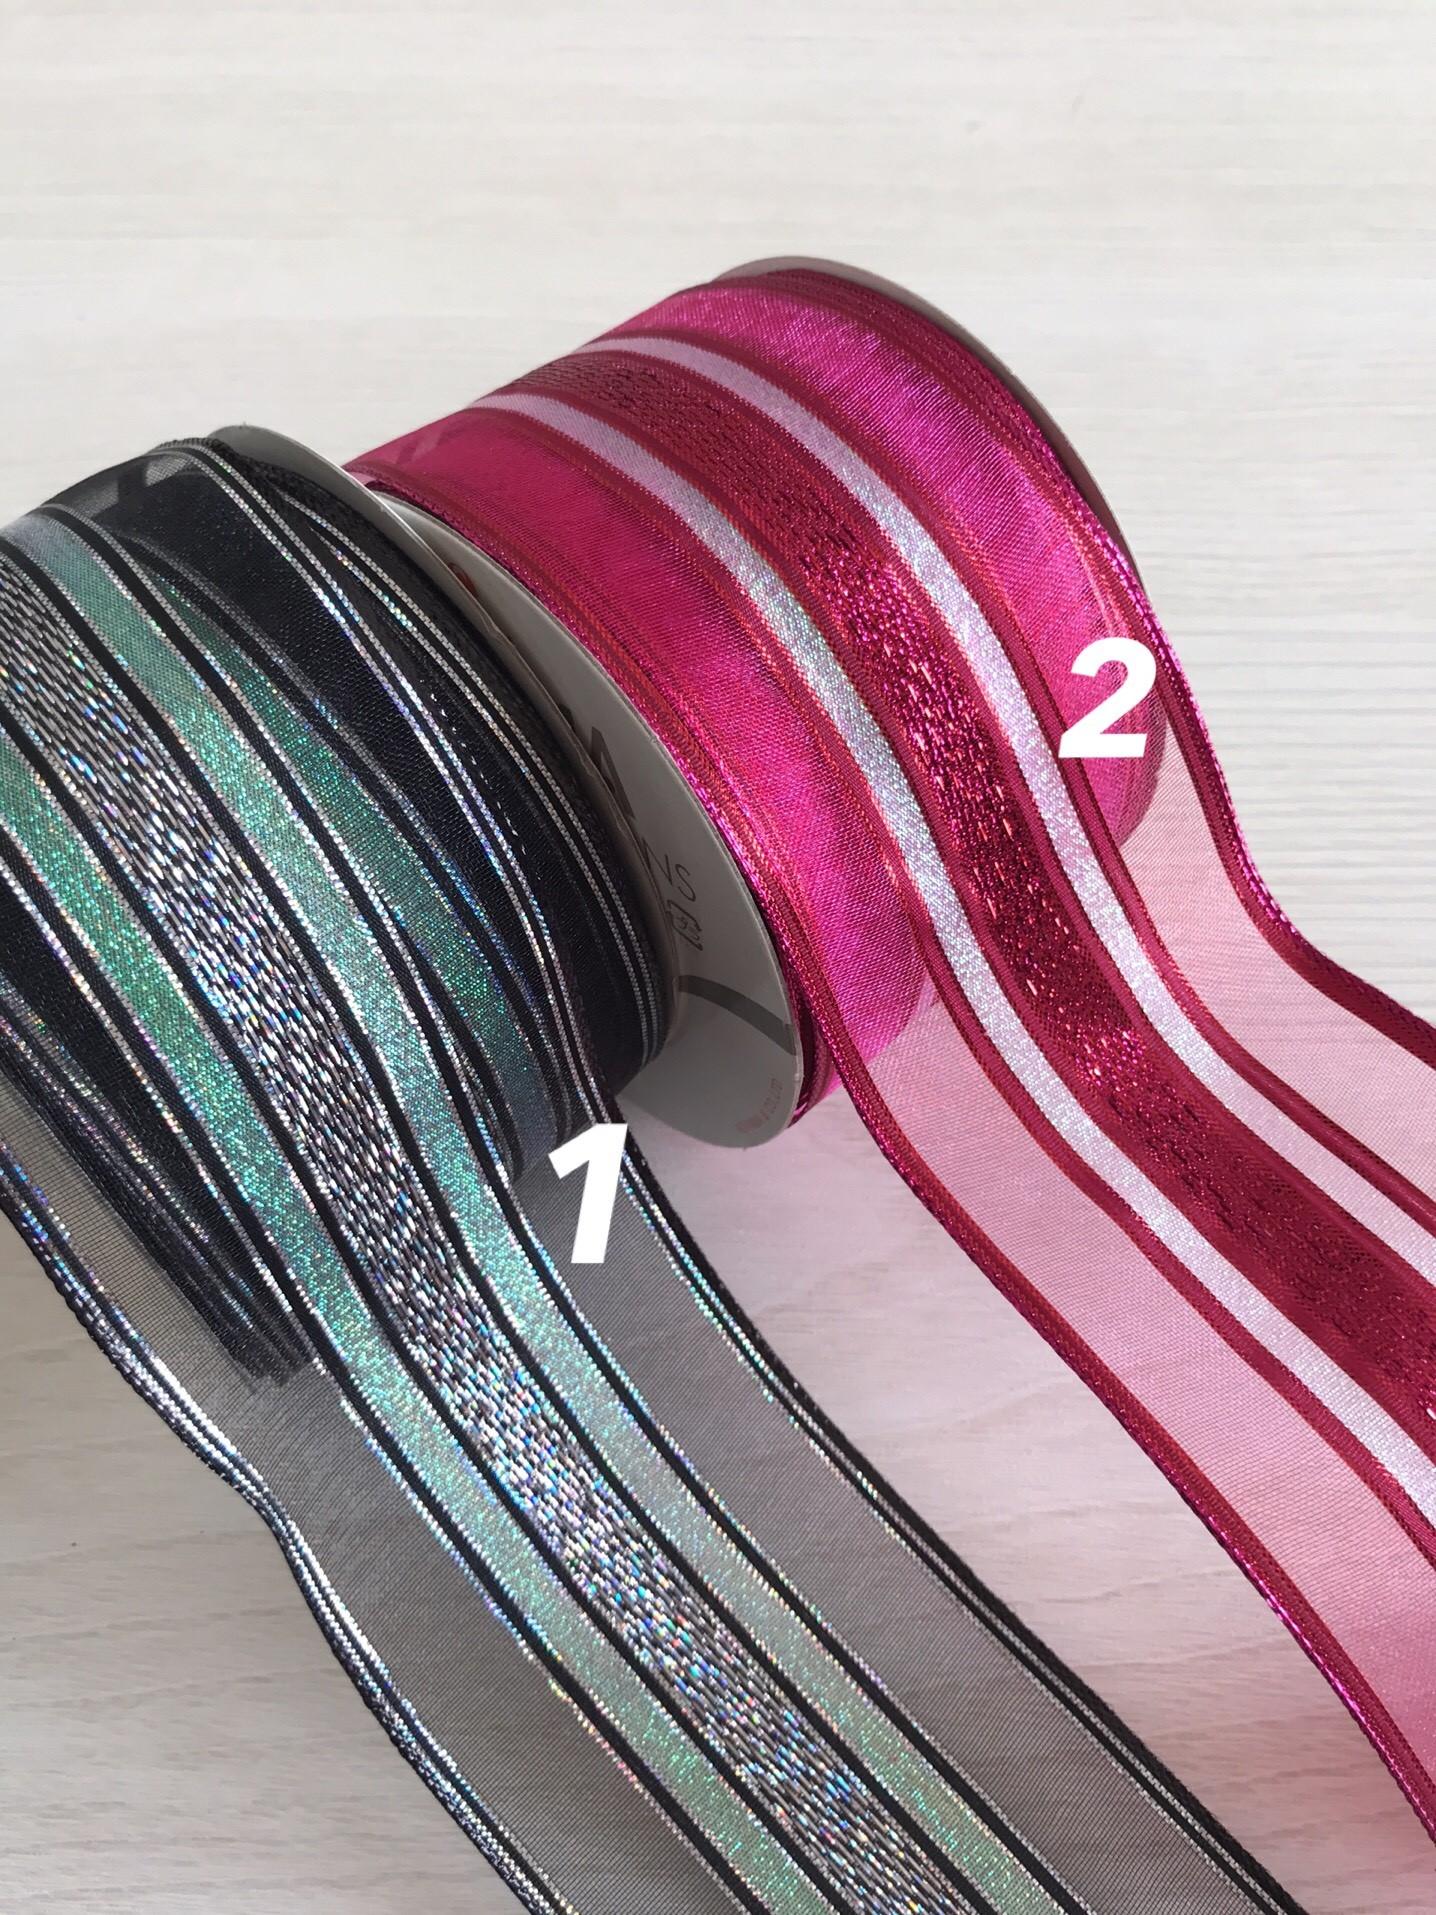 アルテミスリボン ローズ、ブラック ワイヤー入り 65mm巾 青山リボン たっぷり使える27m